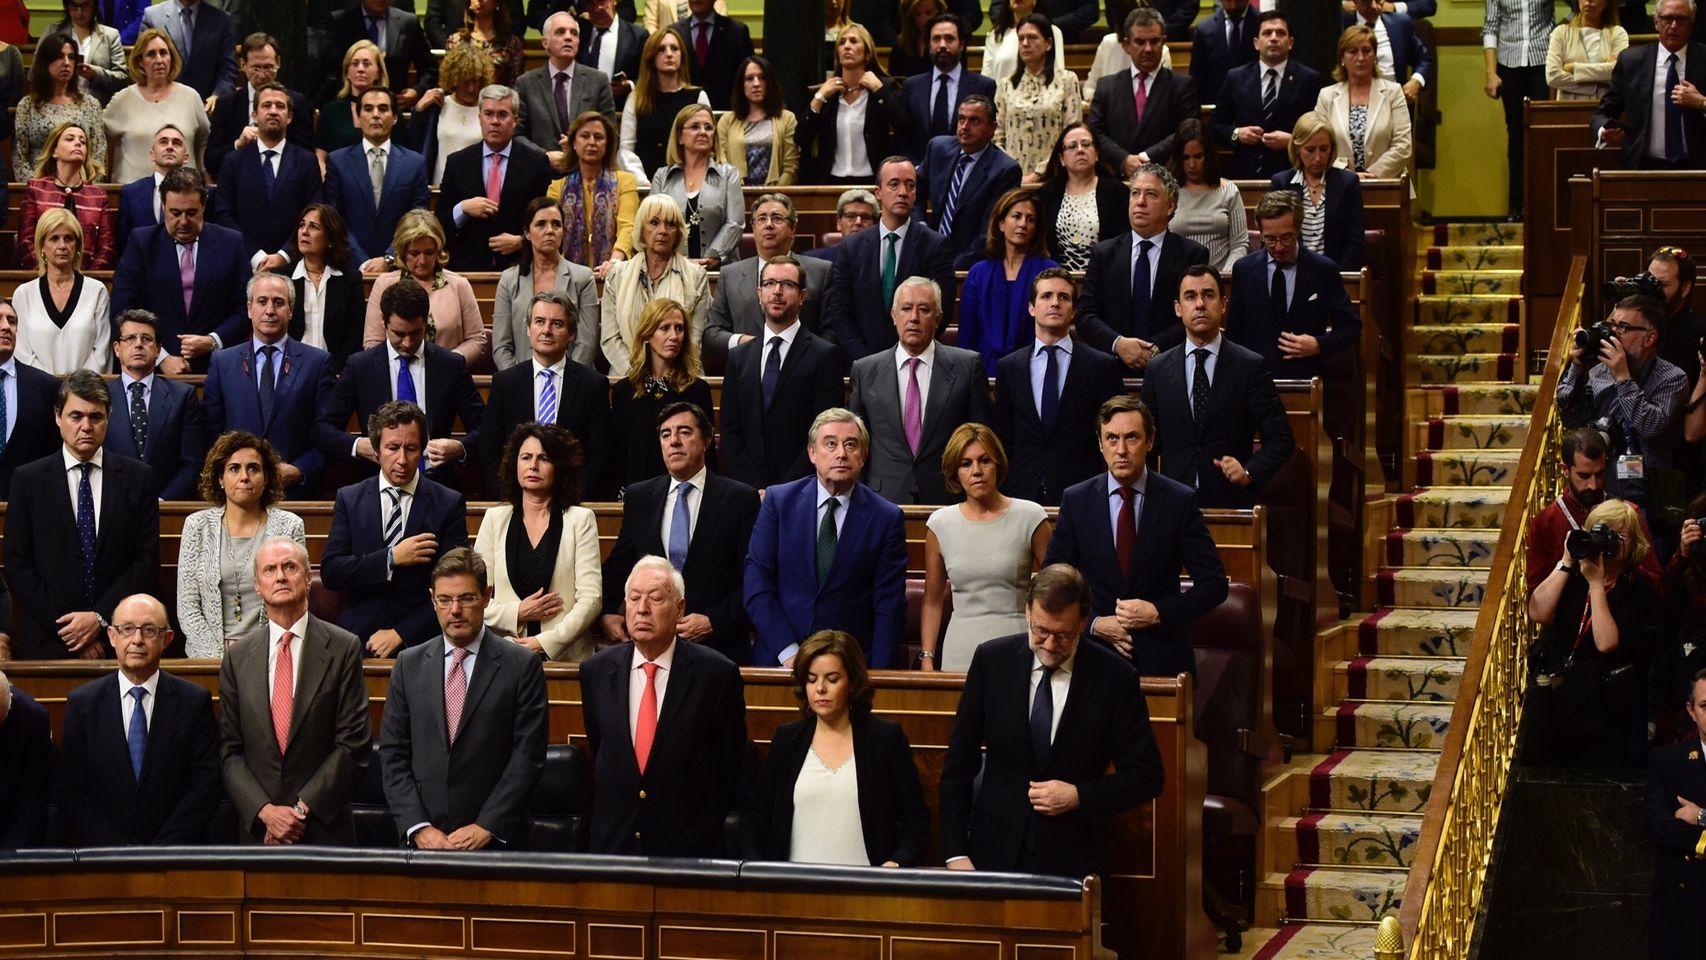 Rajoy sucede a Rajoy tras casi un año de interinidad de Rajoy